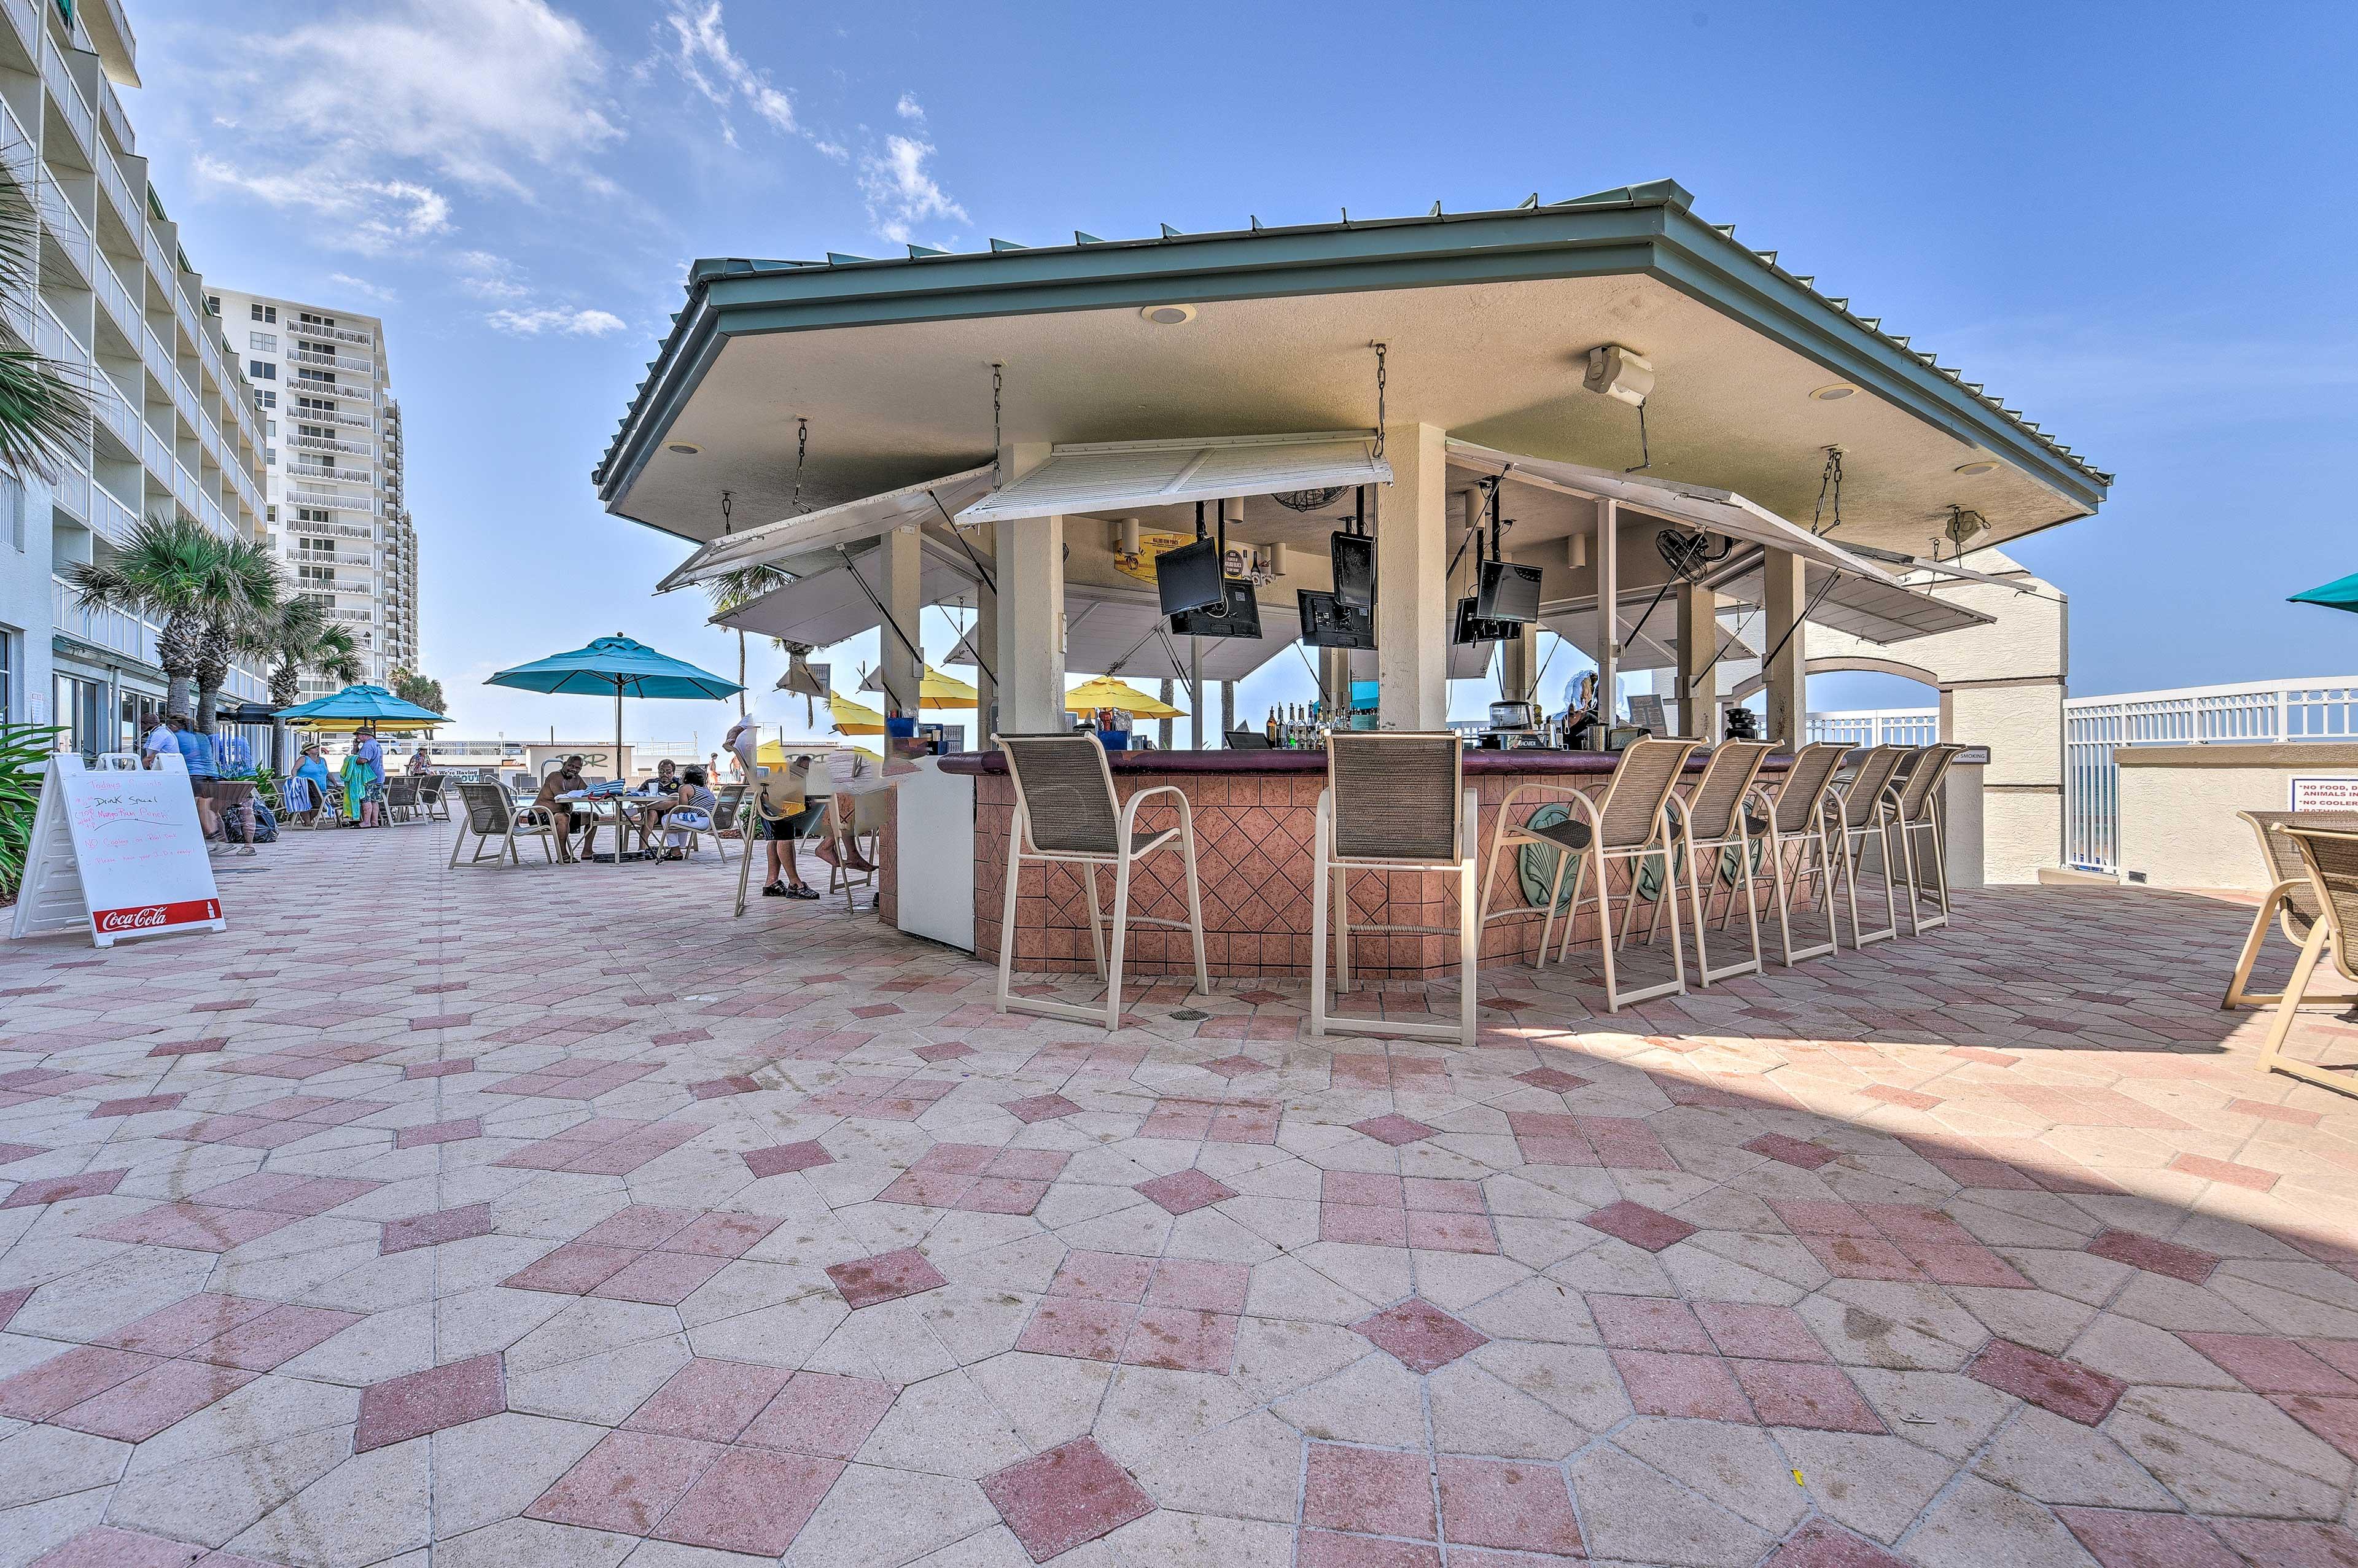 Grab a cold drink at the tiki bar.